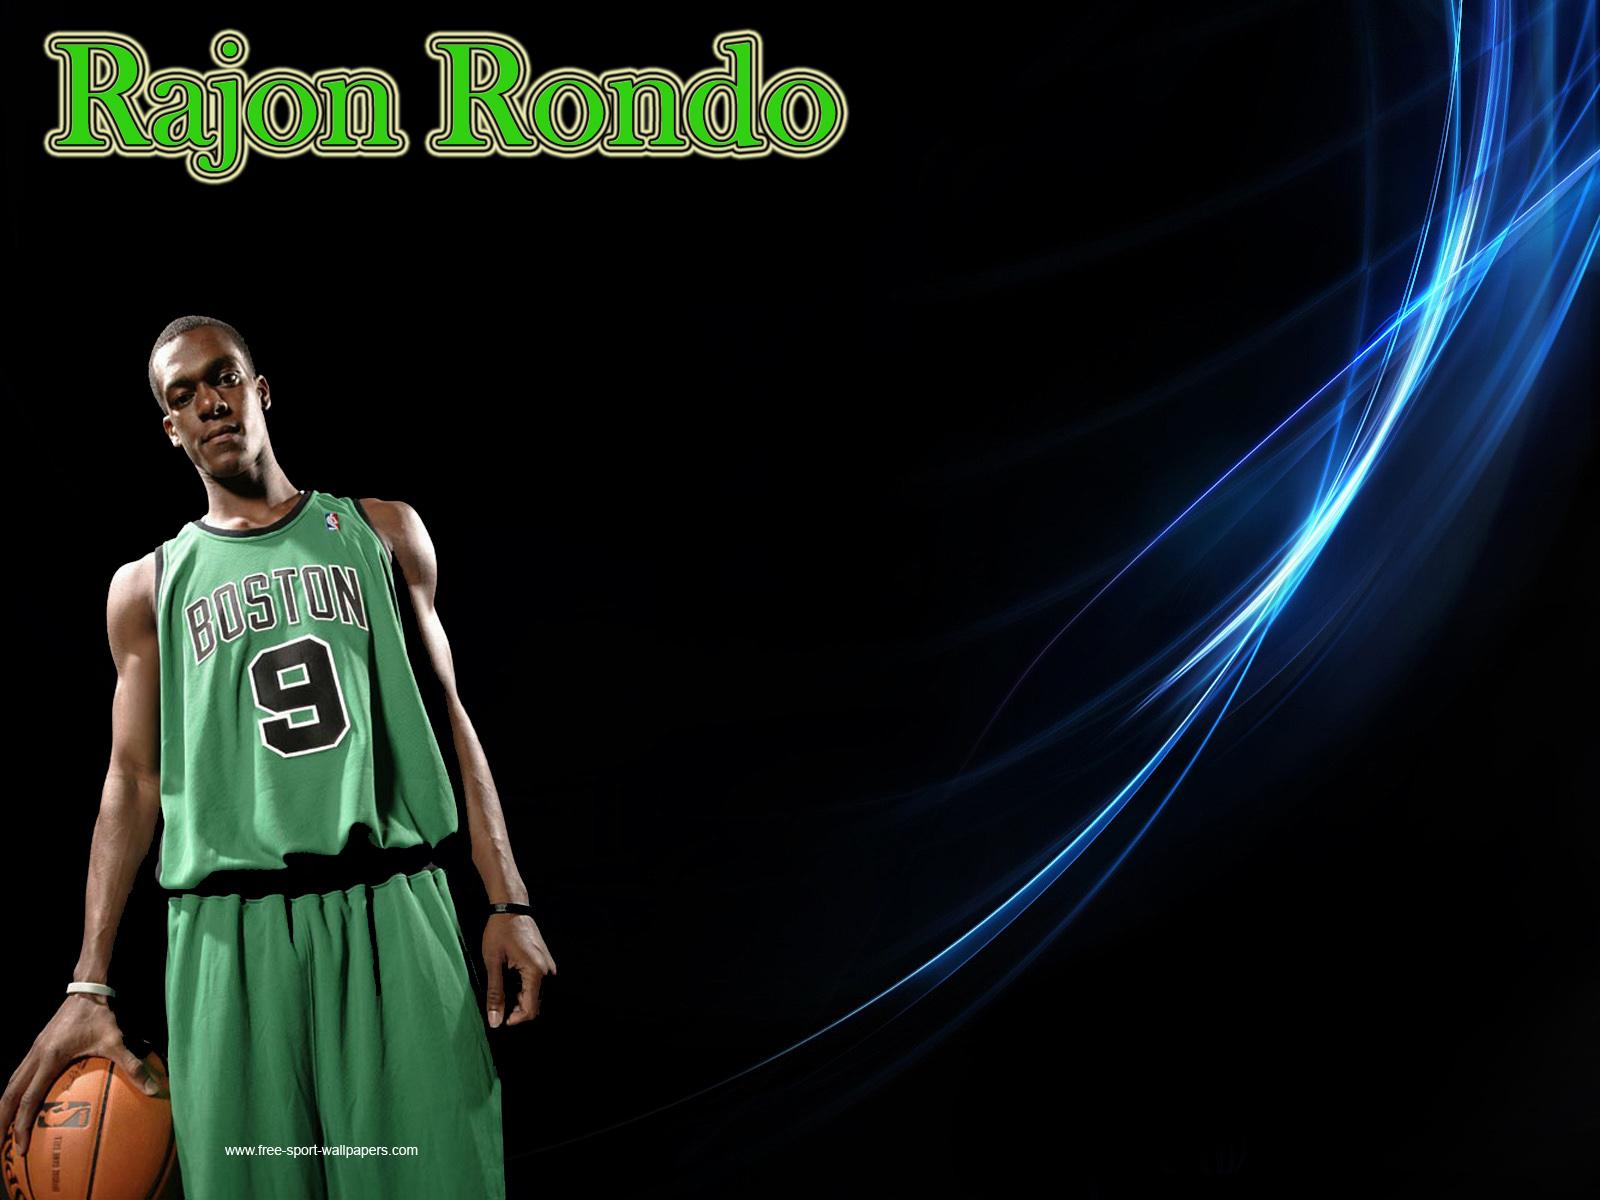 NBA Wallpapers, Basket Ball